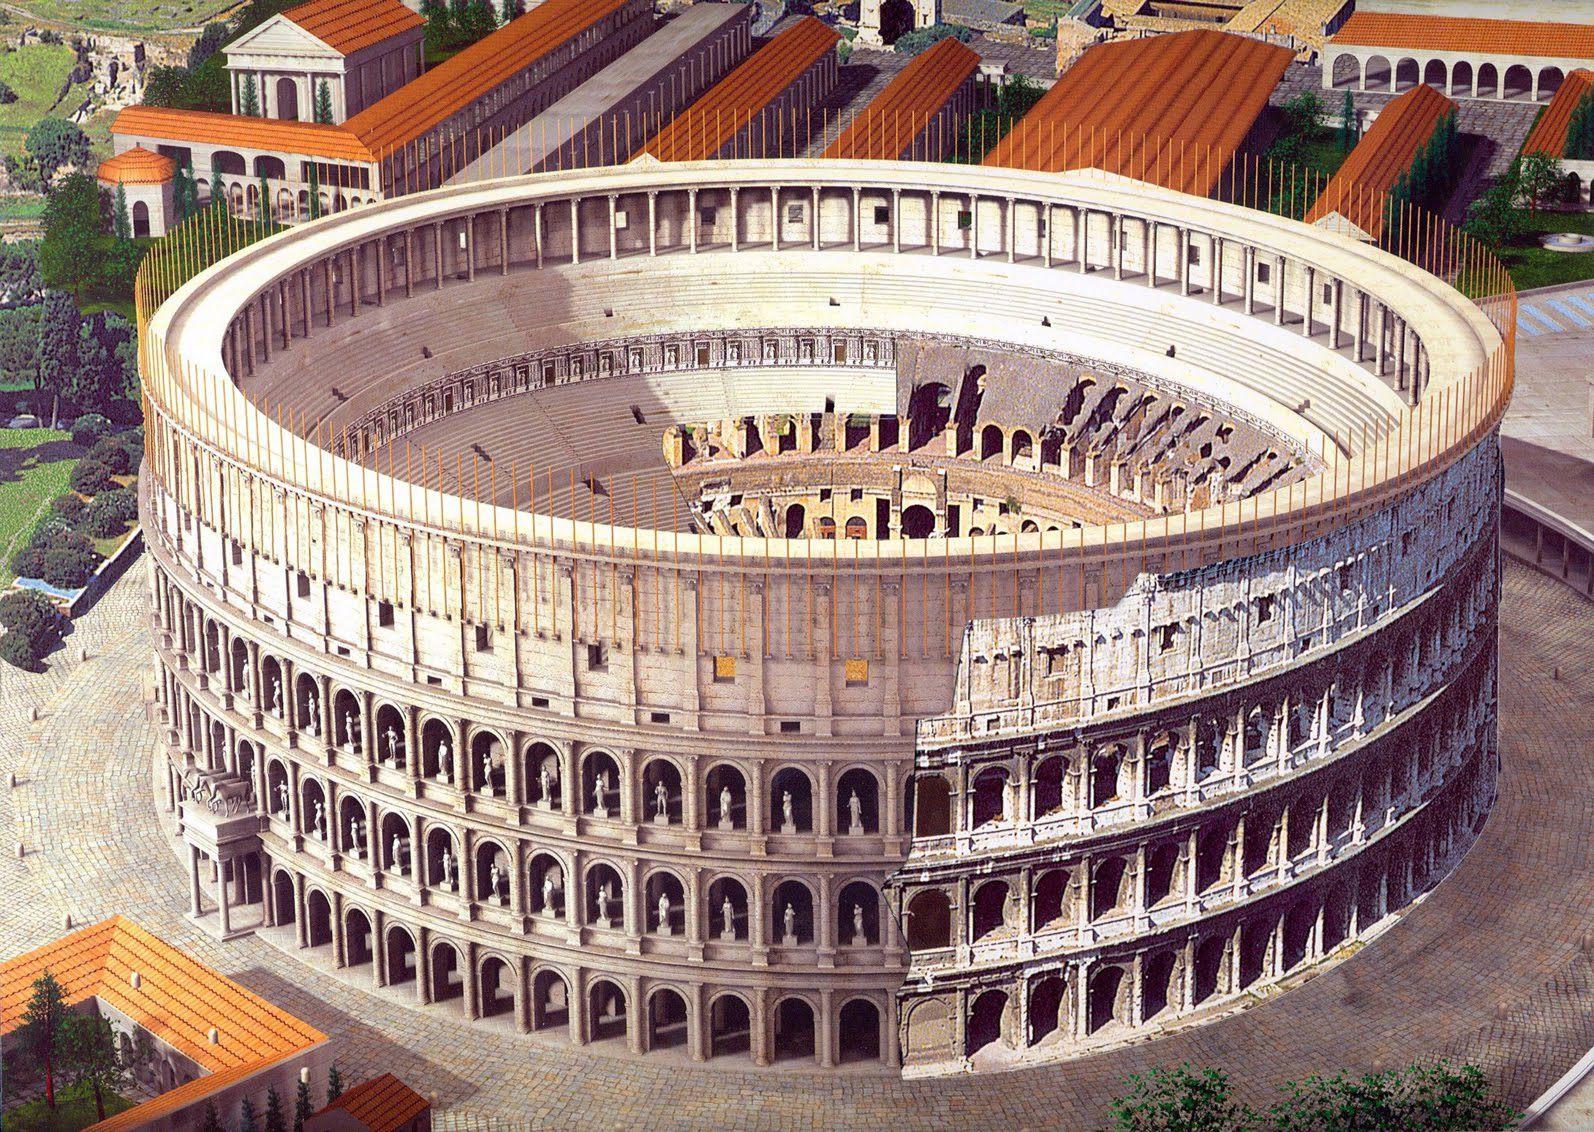 Trabajando Con Personitas La Diversión En La Antigua Roma Parte Ii